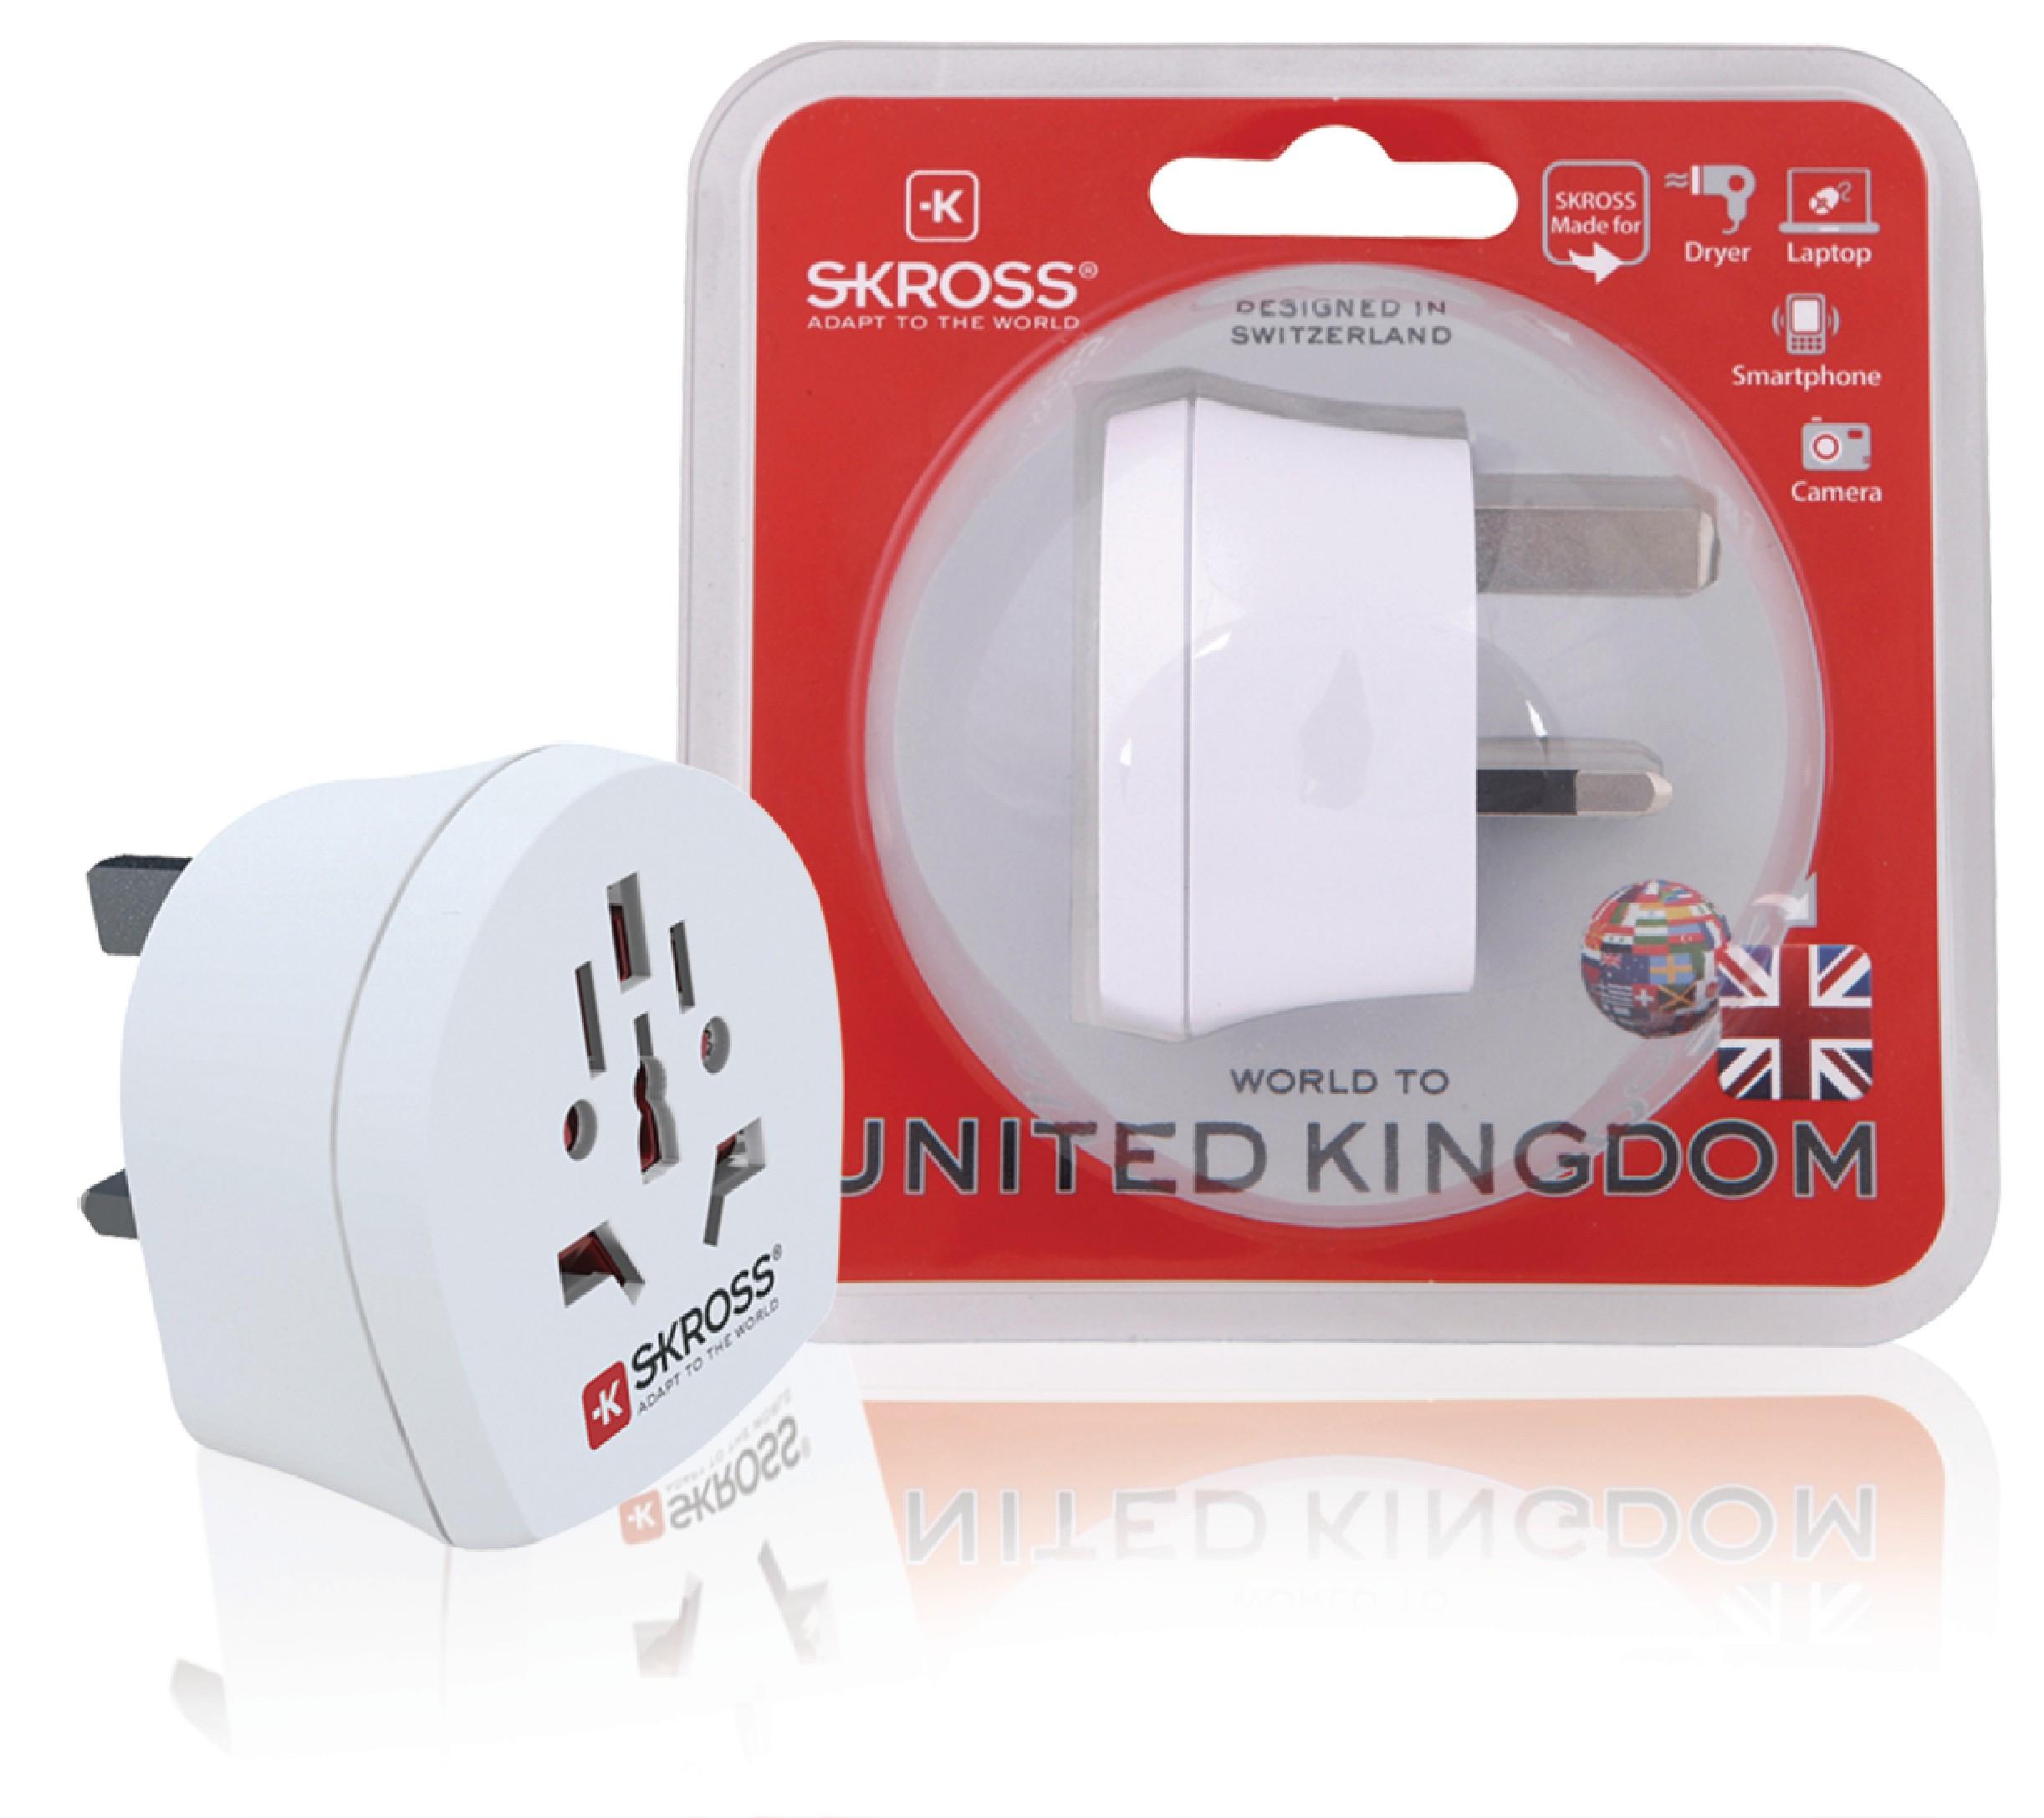 Cestovní adaptér svět - UK Skross SKR1500220